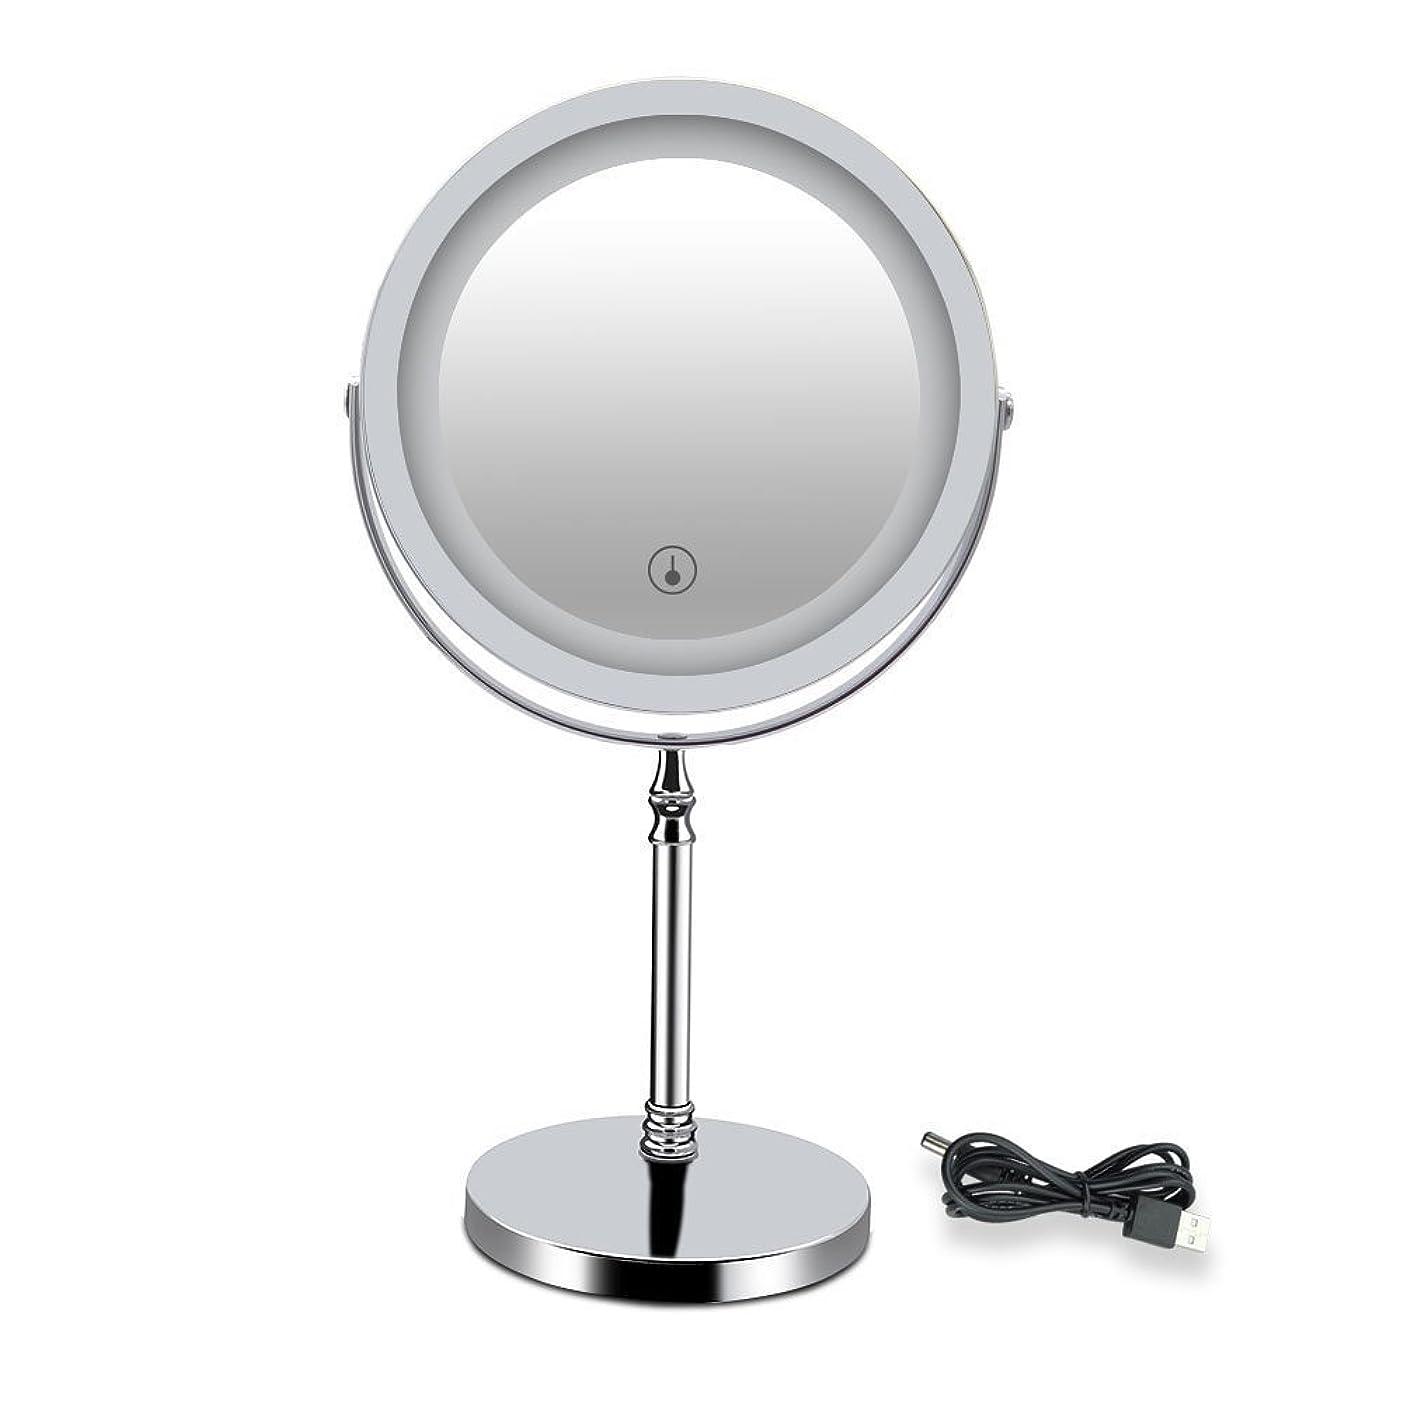 眼ナビゲーション決定的LED付きミラー 両面型 化粧鏡 卓上鏡 メイク 女優ミラー 三色調光 明るさ調節可 真実の北欧風卓上鏡DX 10倍拡大率 360度回転 USB給電/充電 タッチスイッチ付き 収納 ホワイト 1個入り